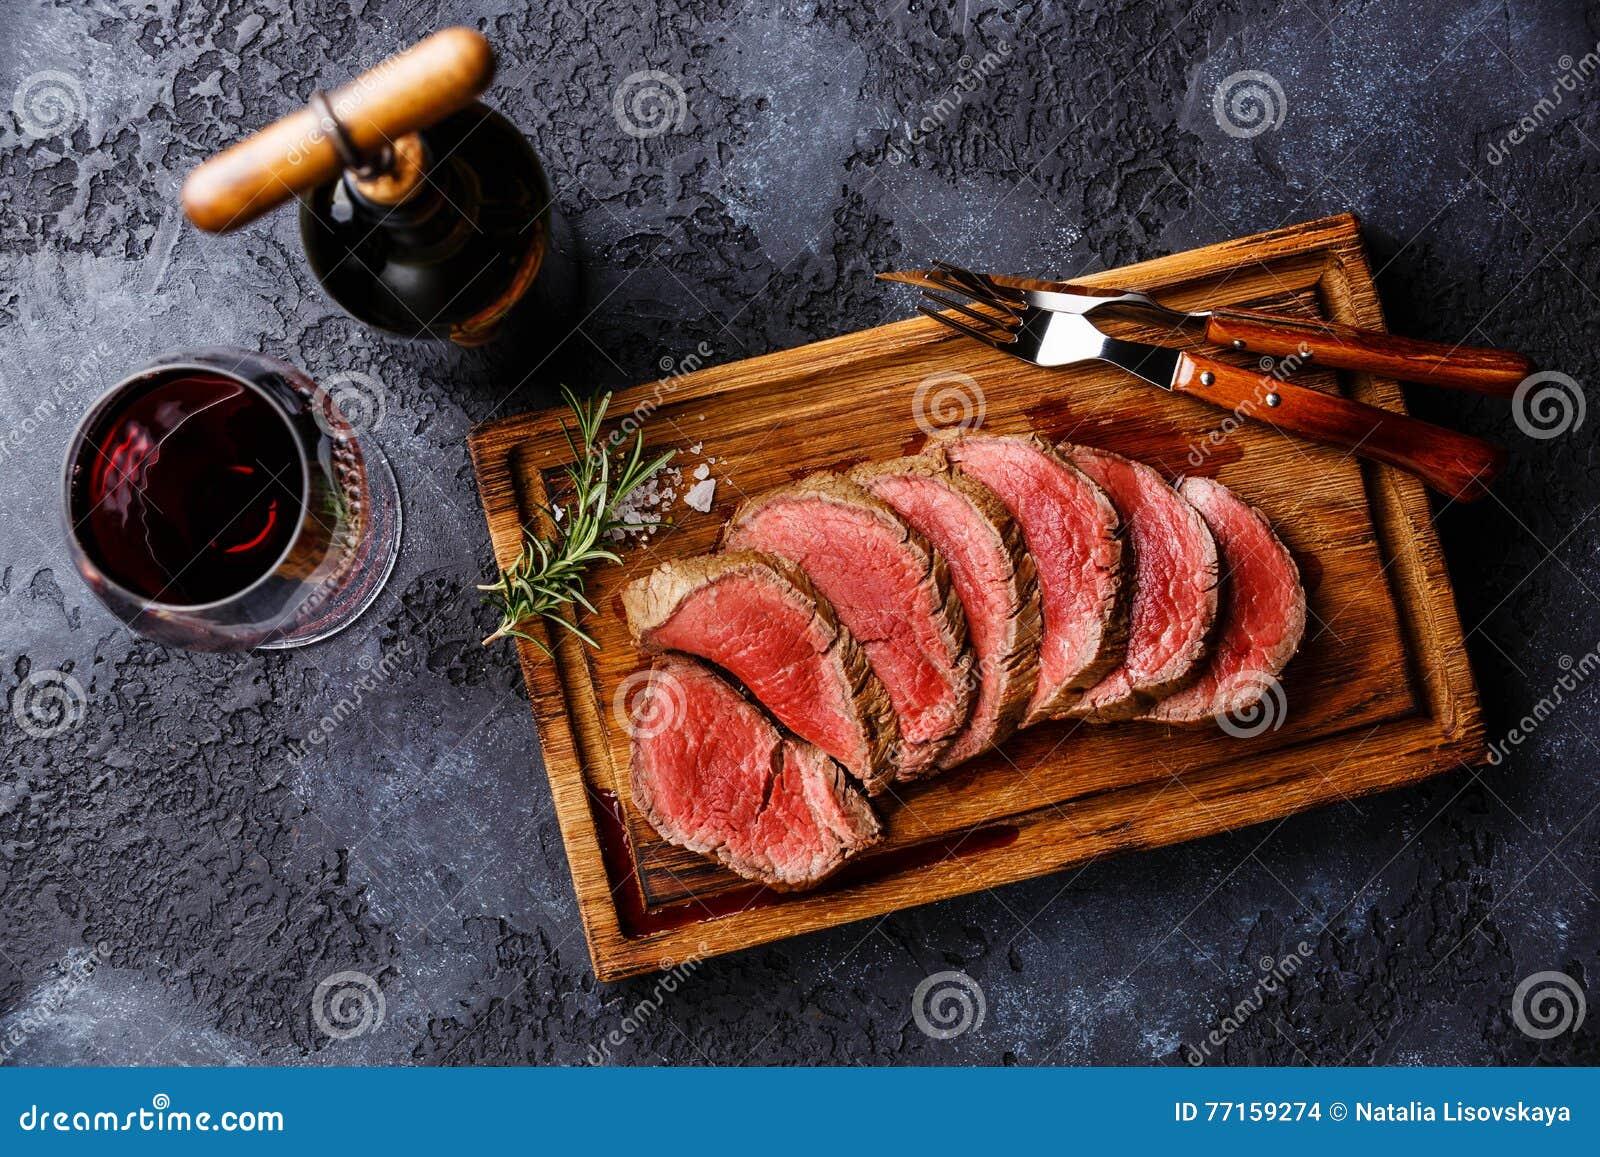 Roastbeef de bifteck de filet et vin rouge découpés en tranches